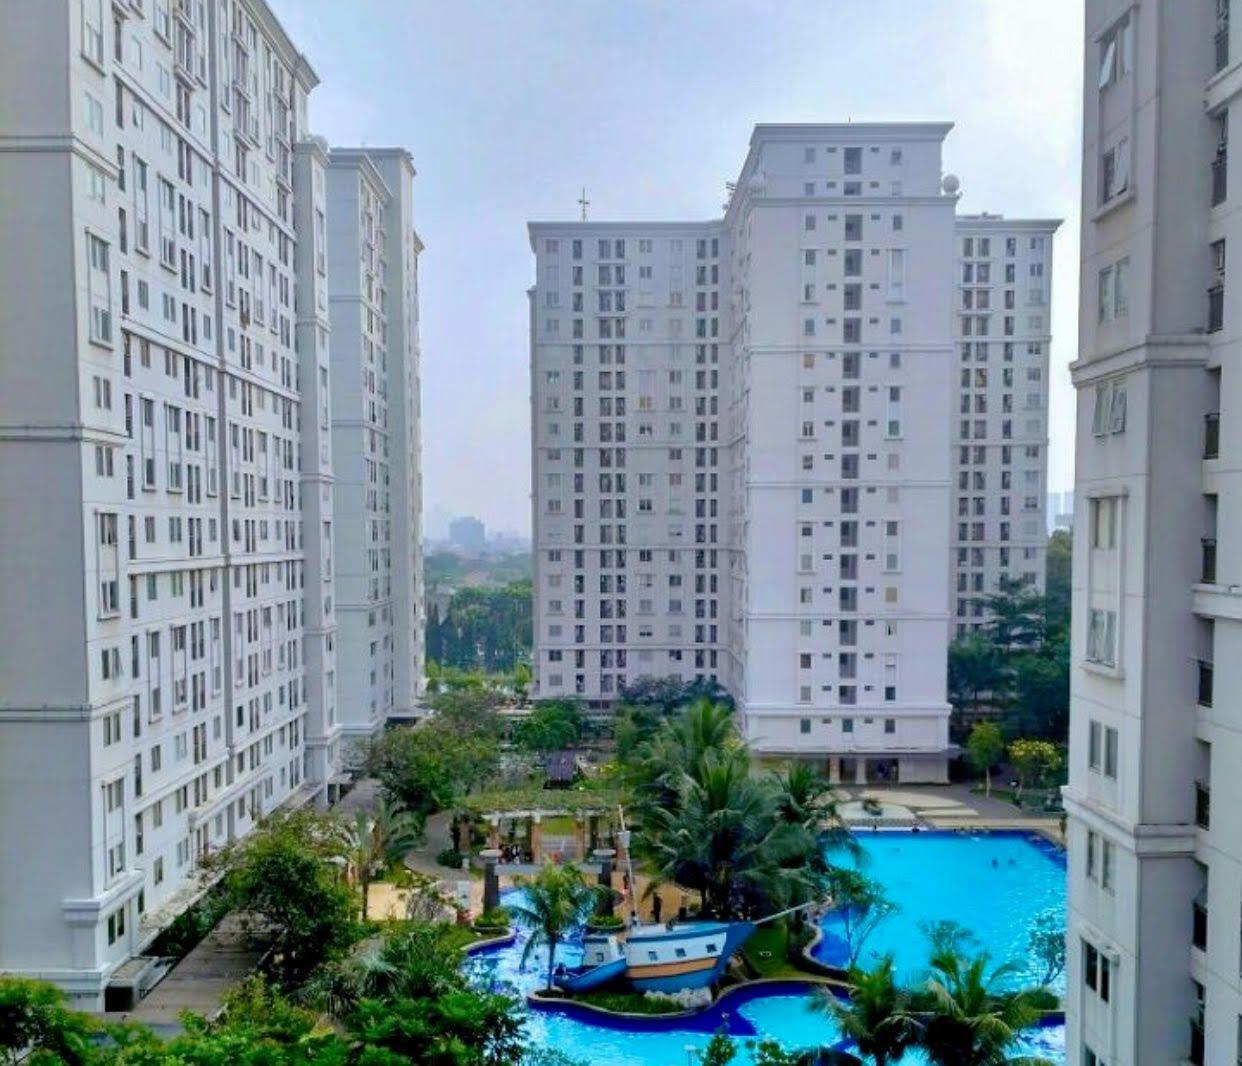 Keuntungan Tinggal Di Apartemen Tangerang